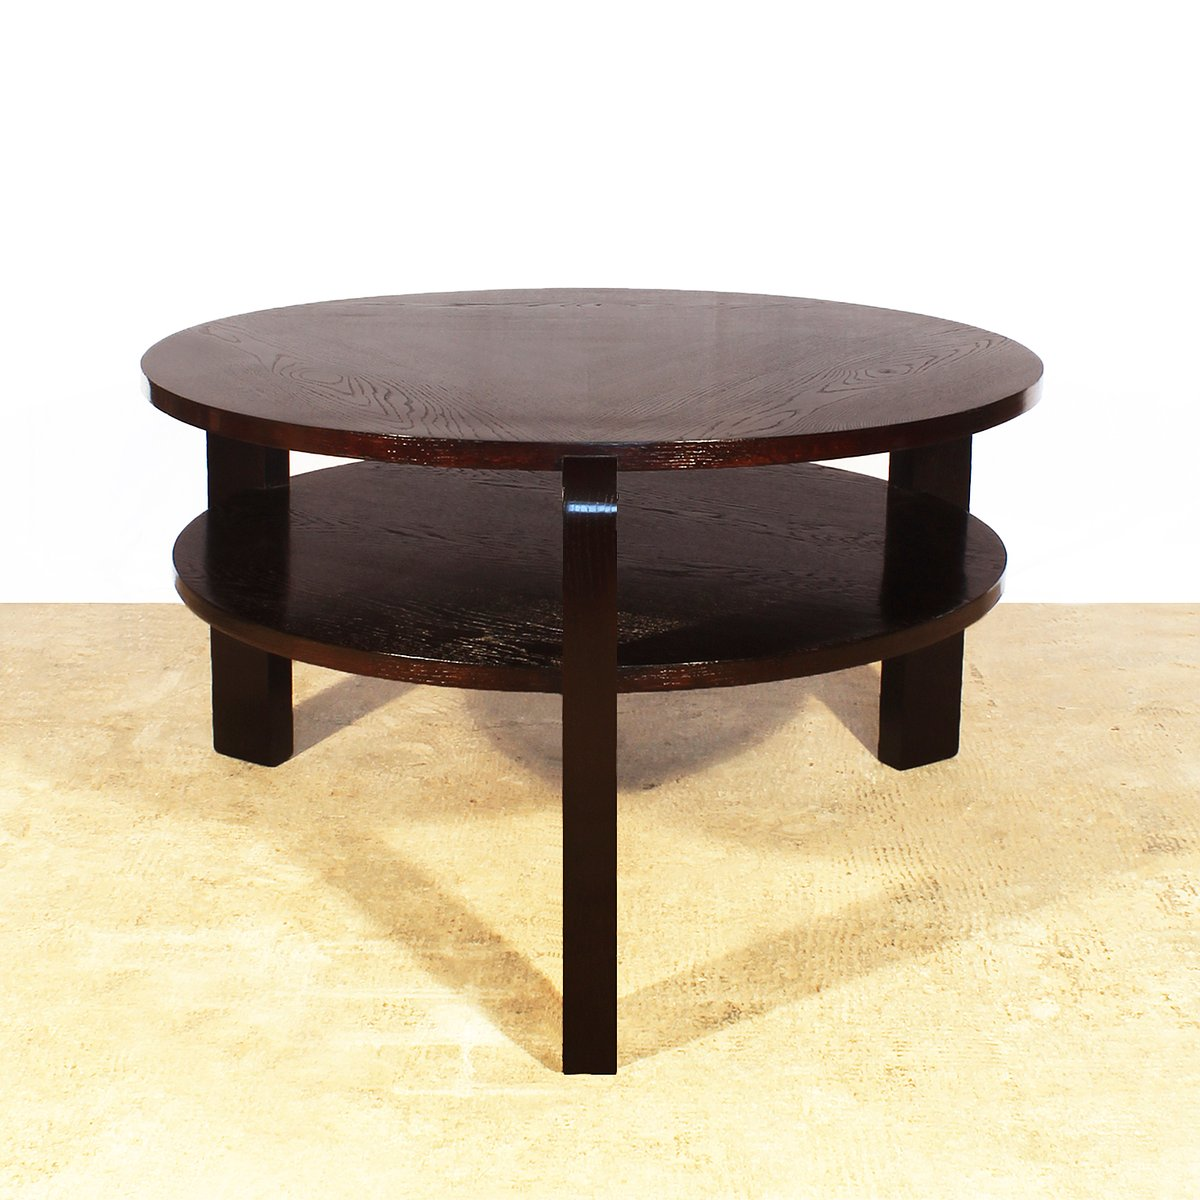 Table basse art d co espagne 1930s en vente sur pamono for Table salon art deco